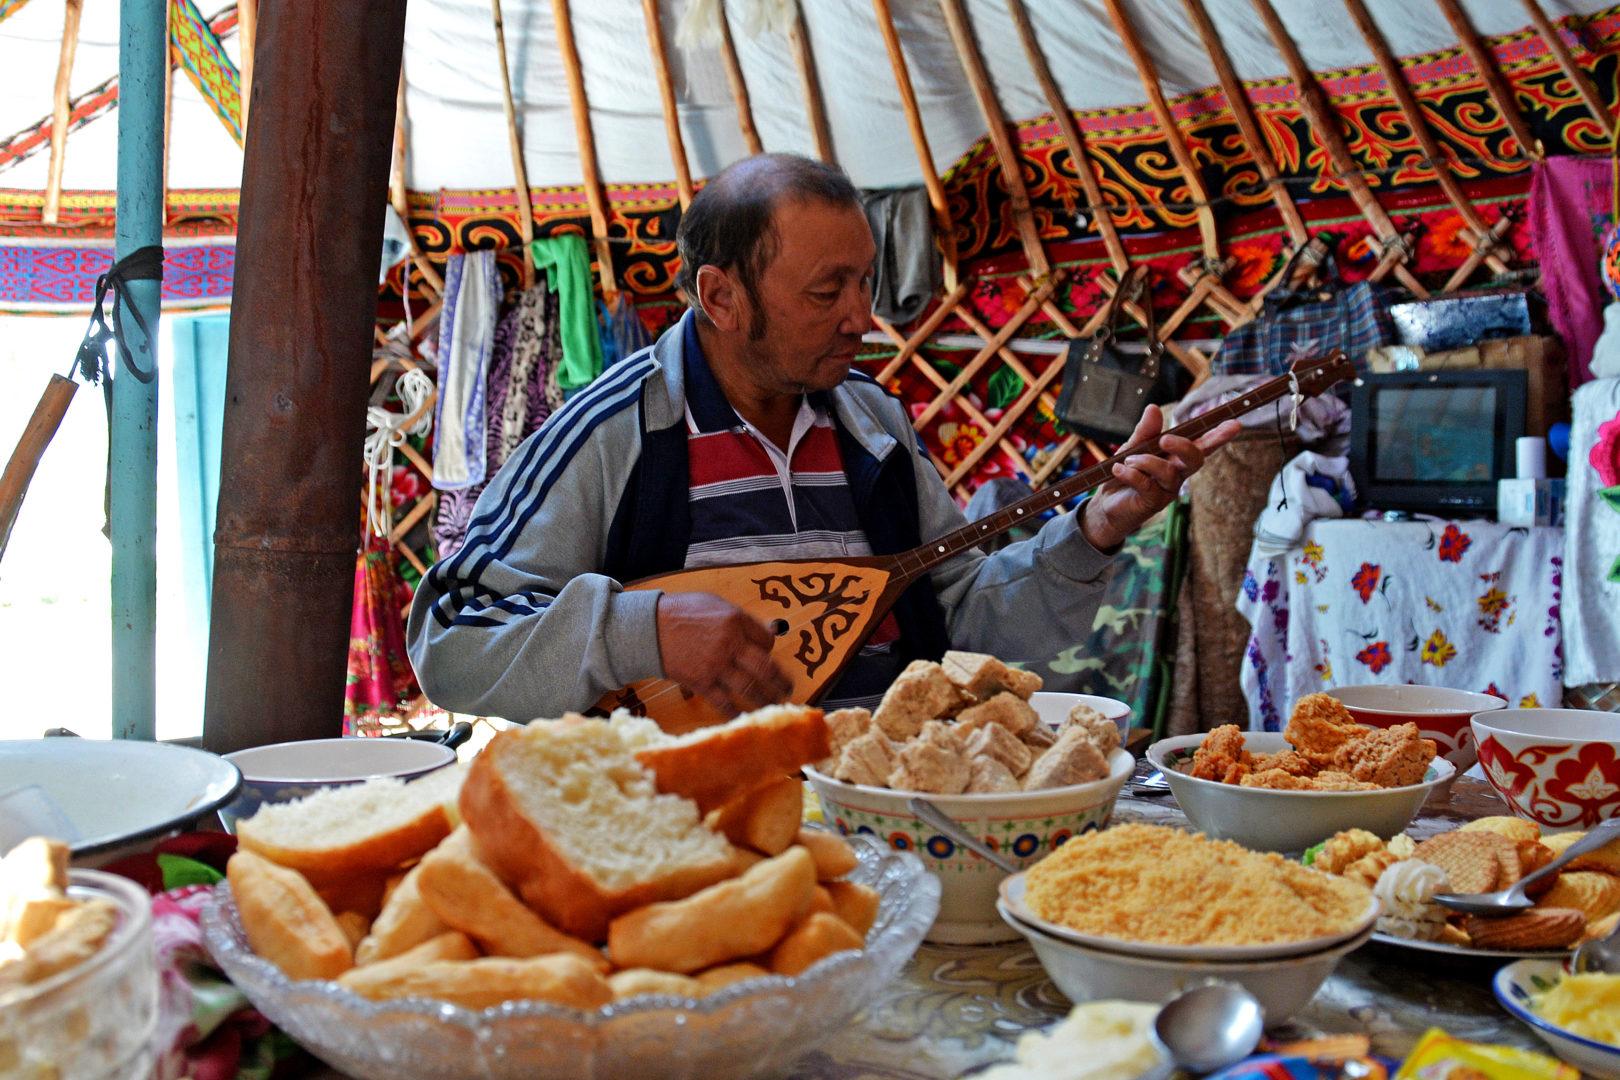 Mongolei-Reise: Kasachischer Nomade in seiner Jurte